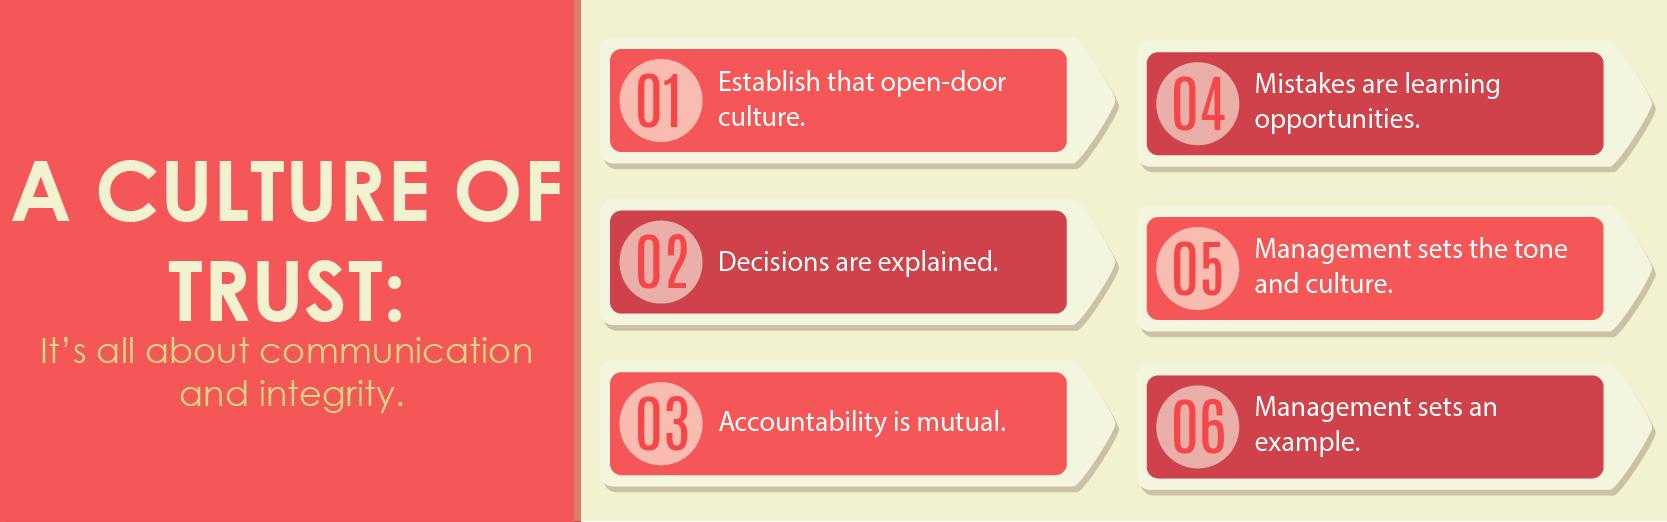 a-culture-of-trust